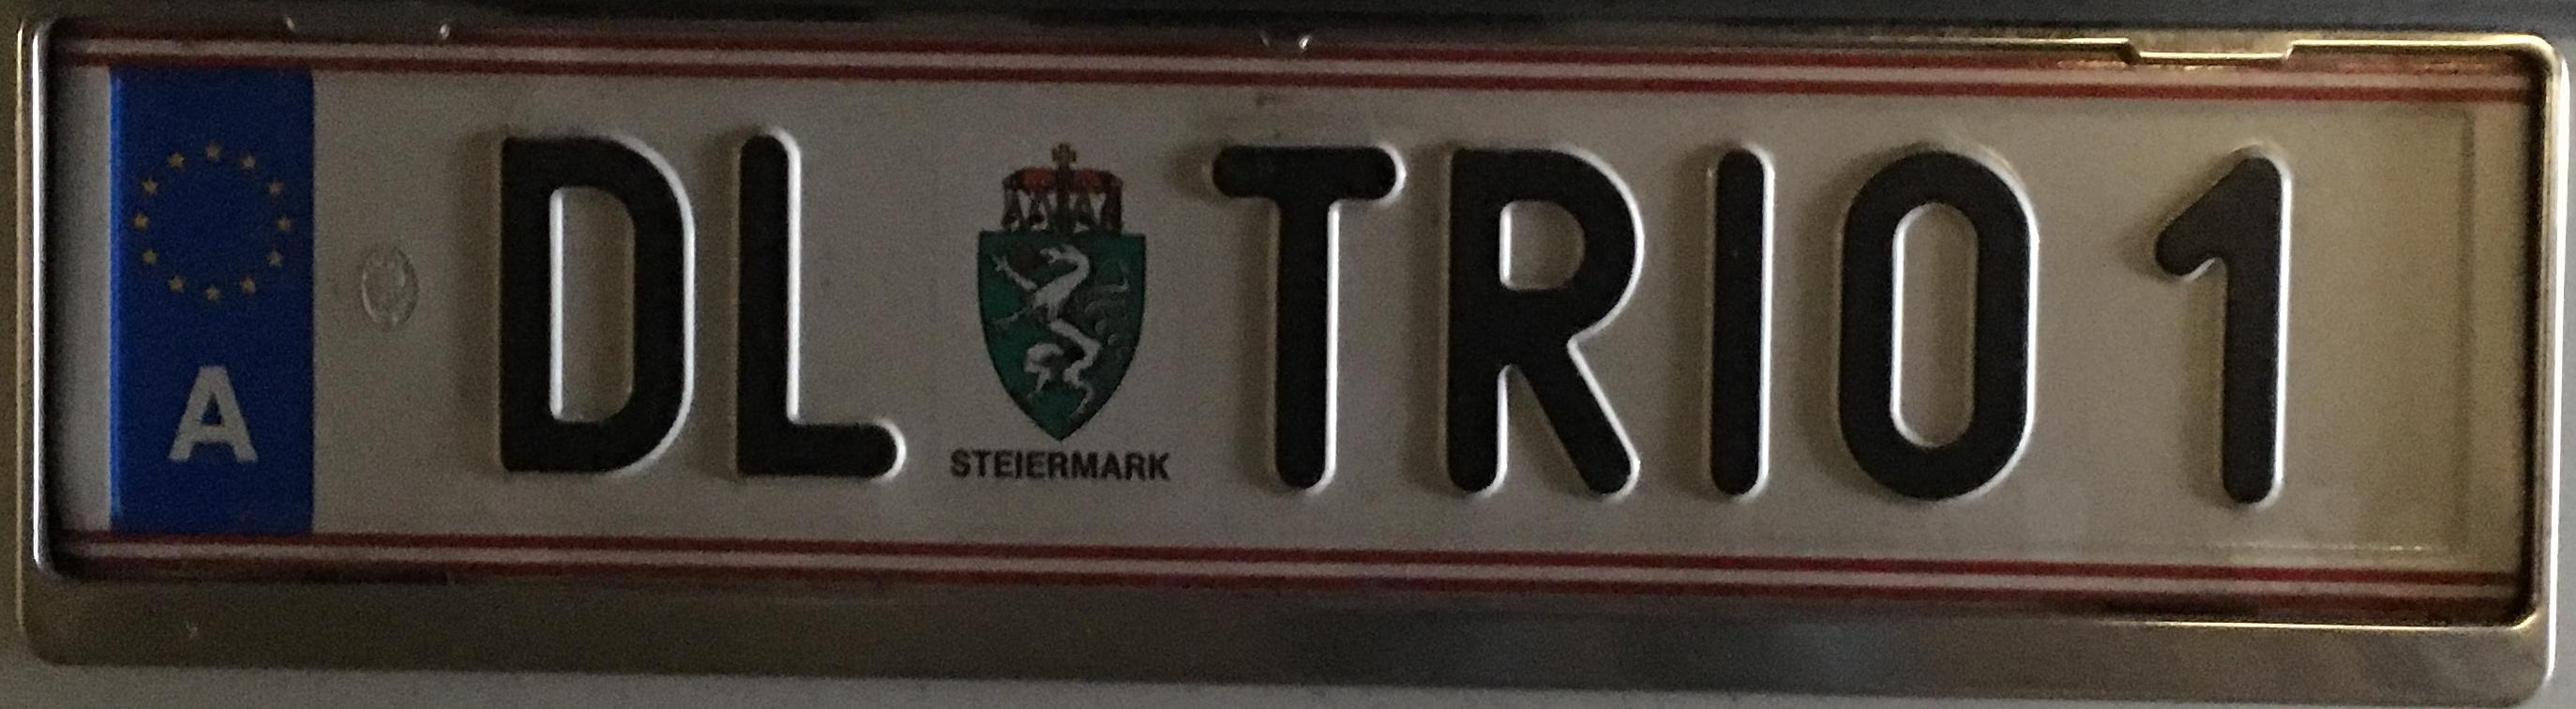 Registrační značka Rakousko - DL - Deutschlandsberg, foto: www.podalnici.cz